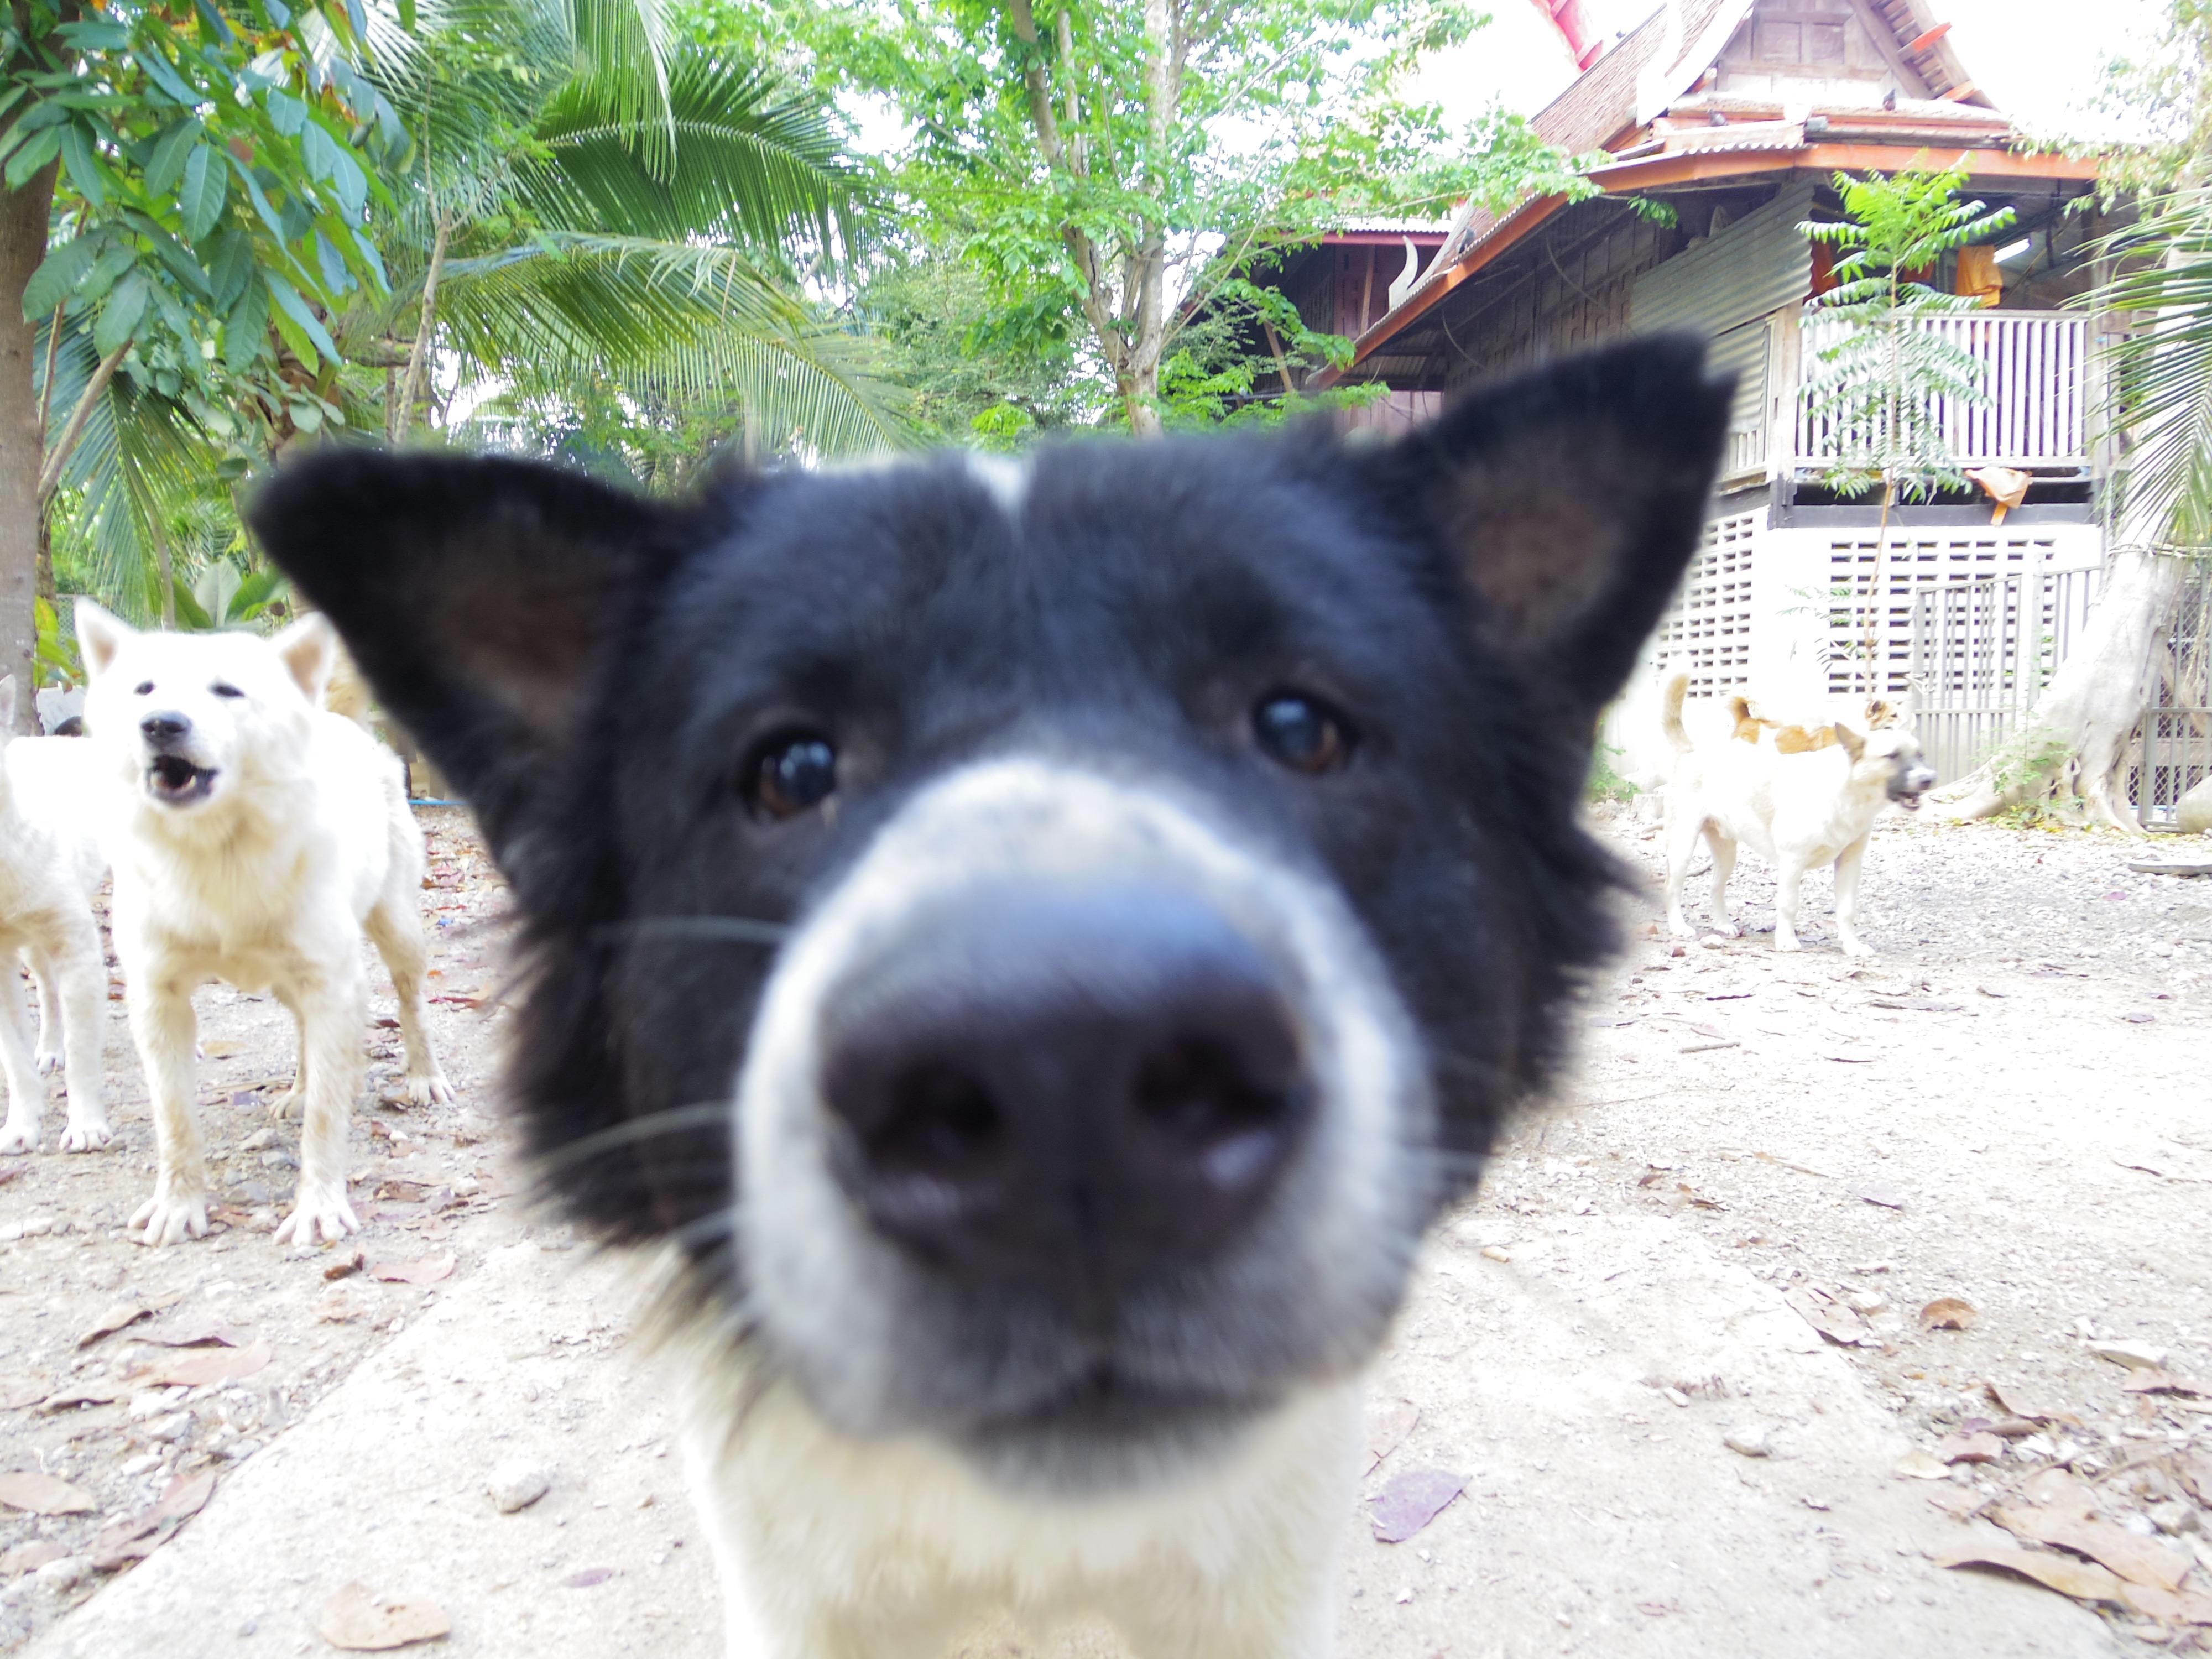 タイ〜カンボジア 国境越えを陸路でしてみた。